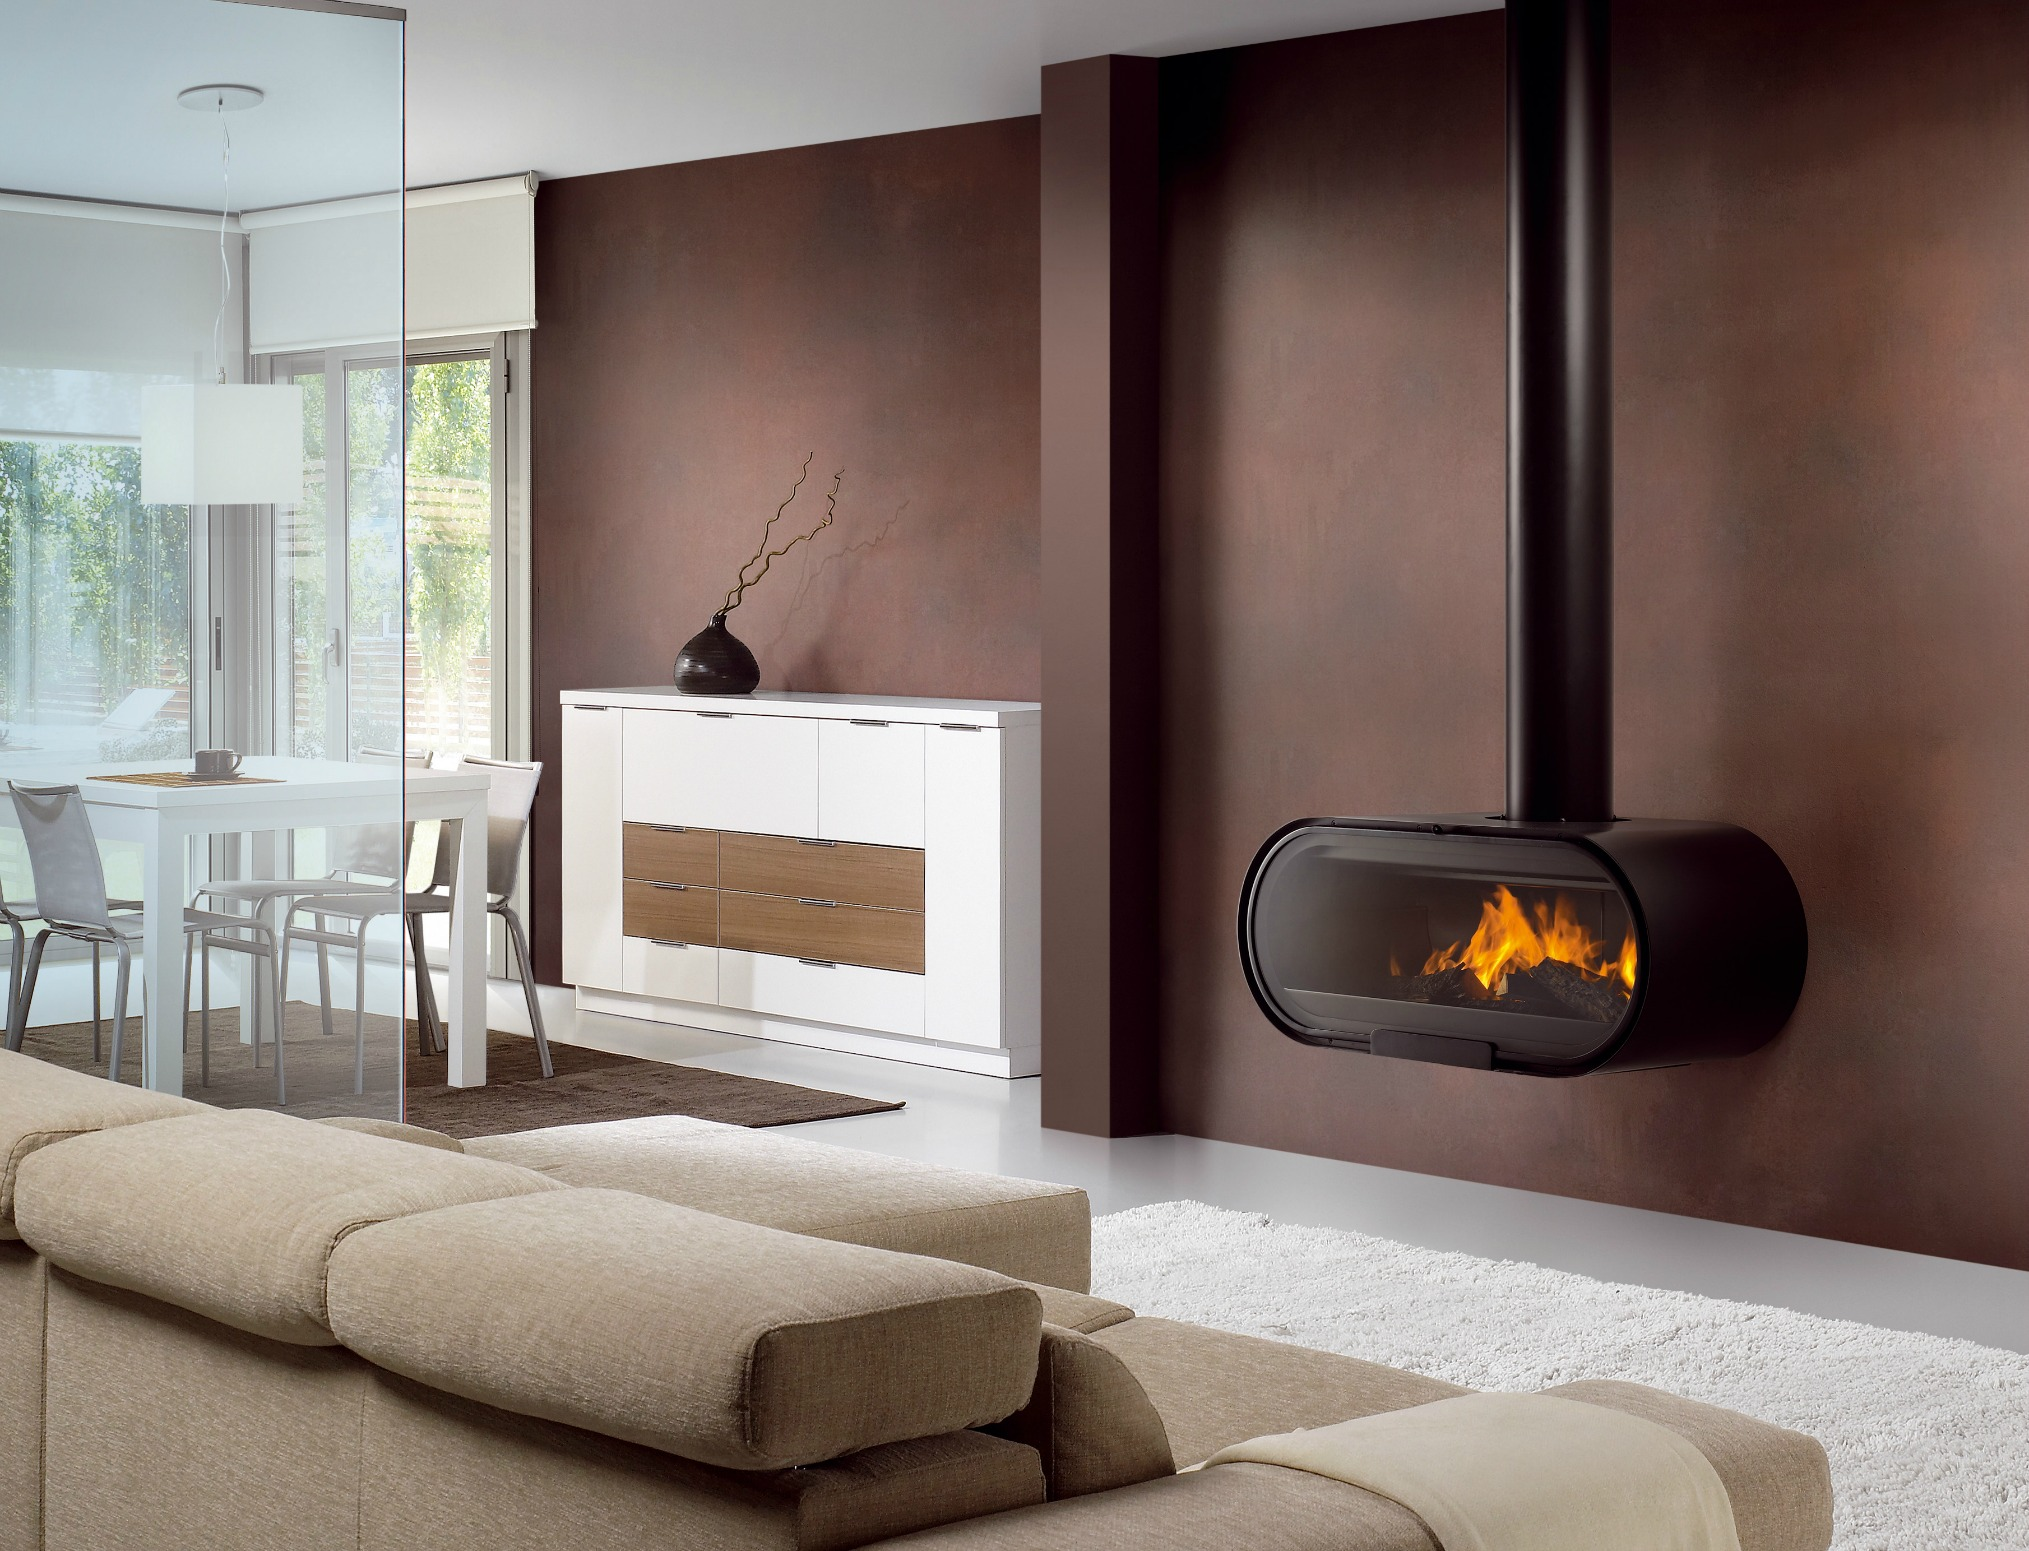 Rocal D-8 Fireplace